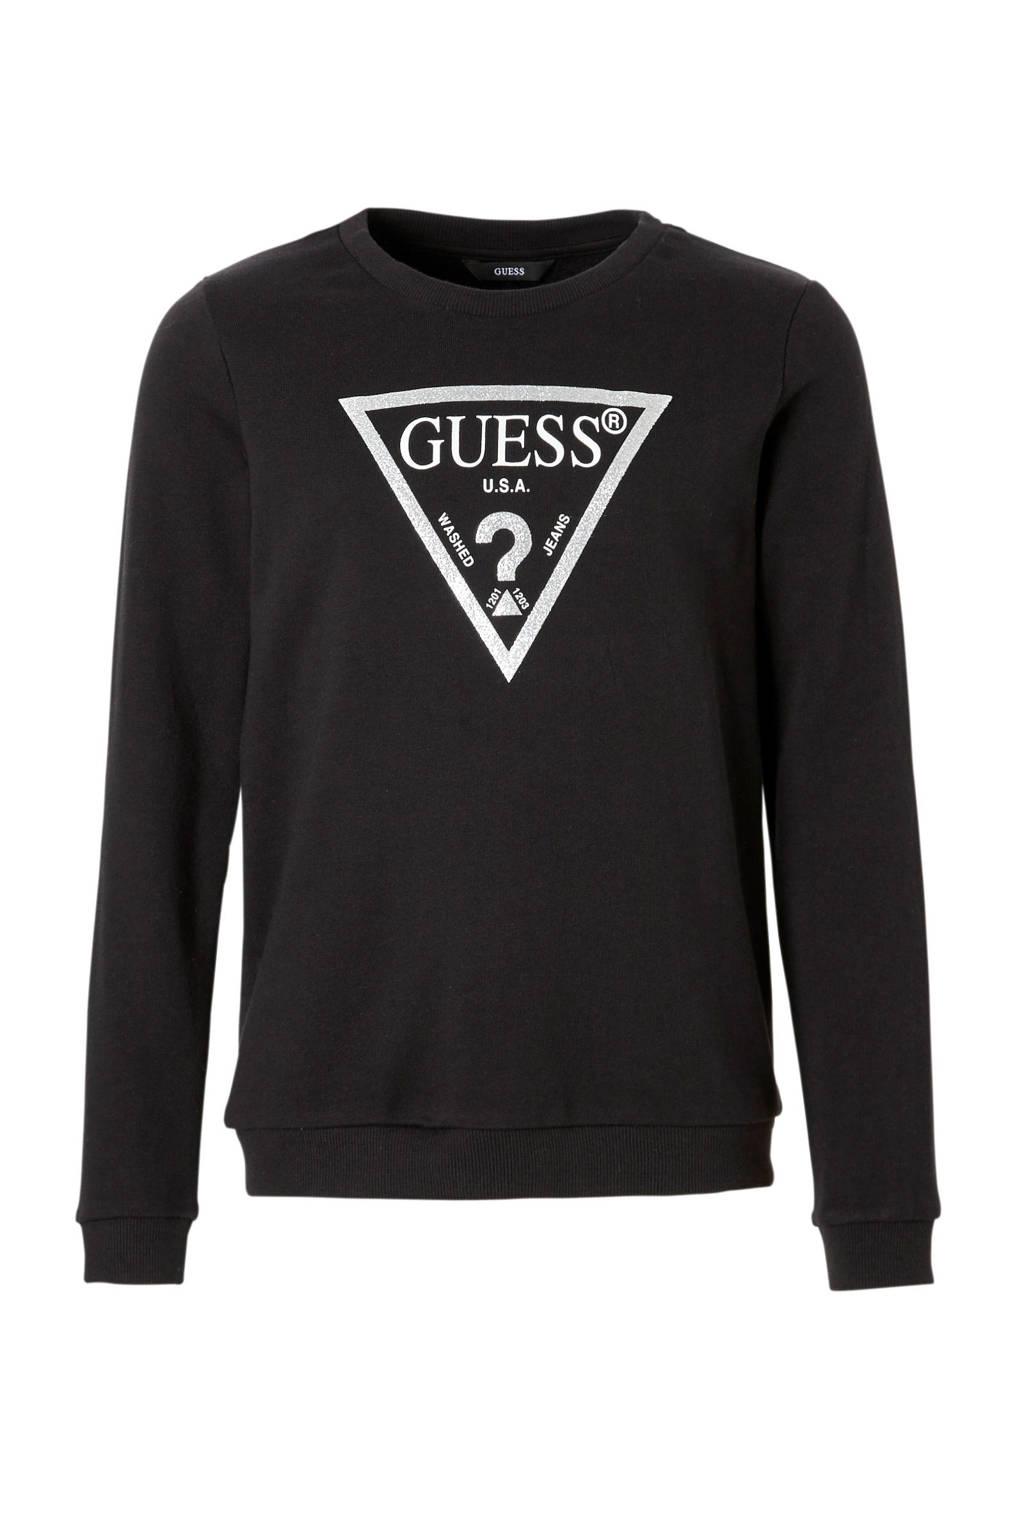 GUESS sweater met glitters zwart, Zwart/zilver